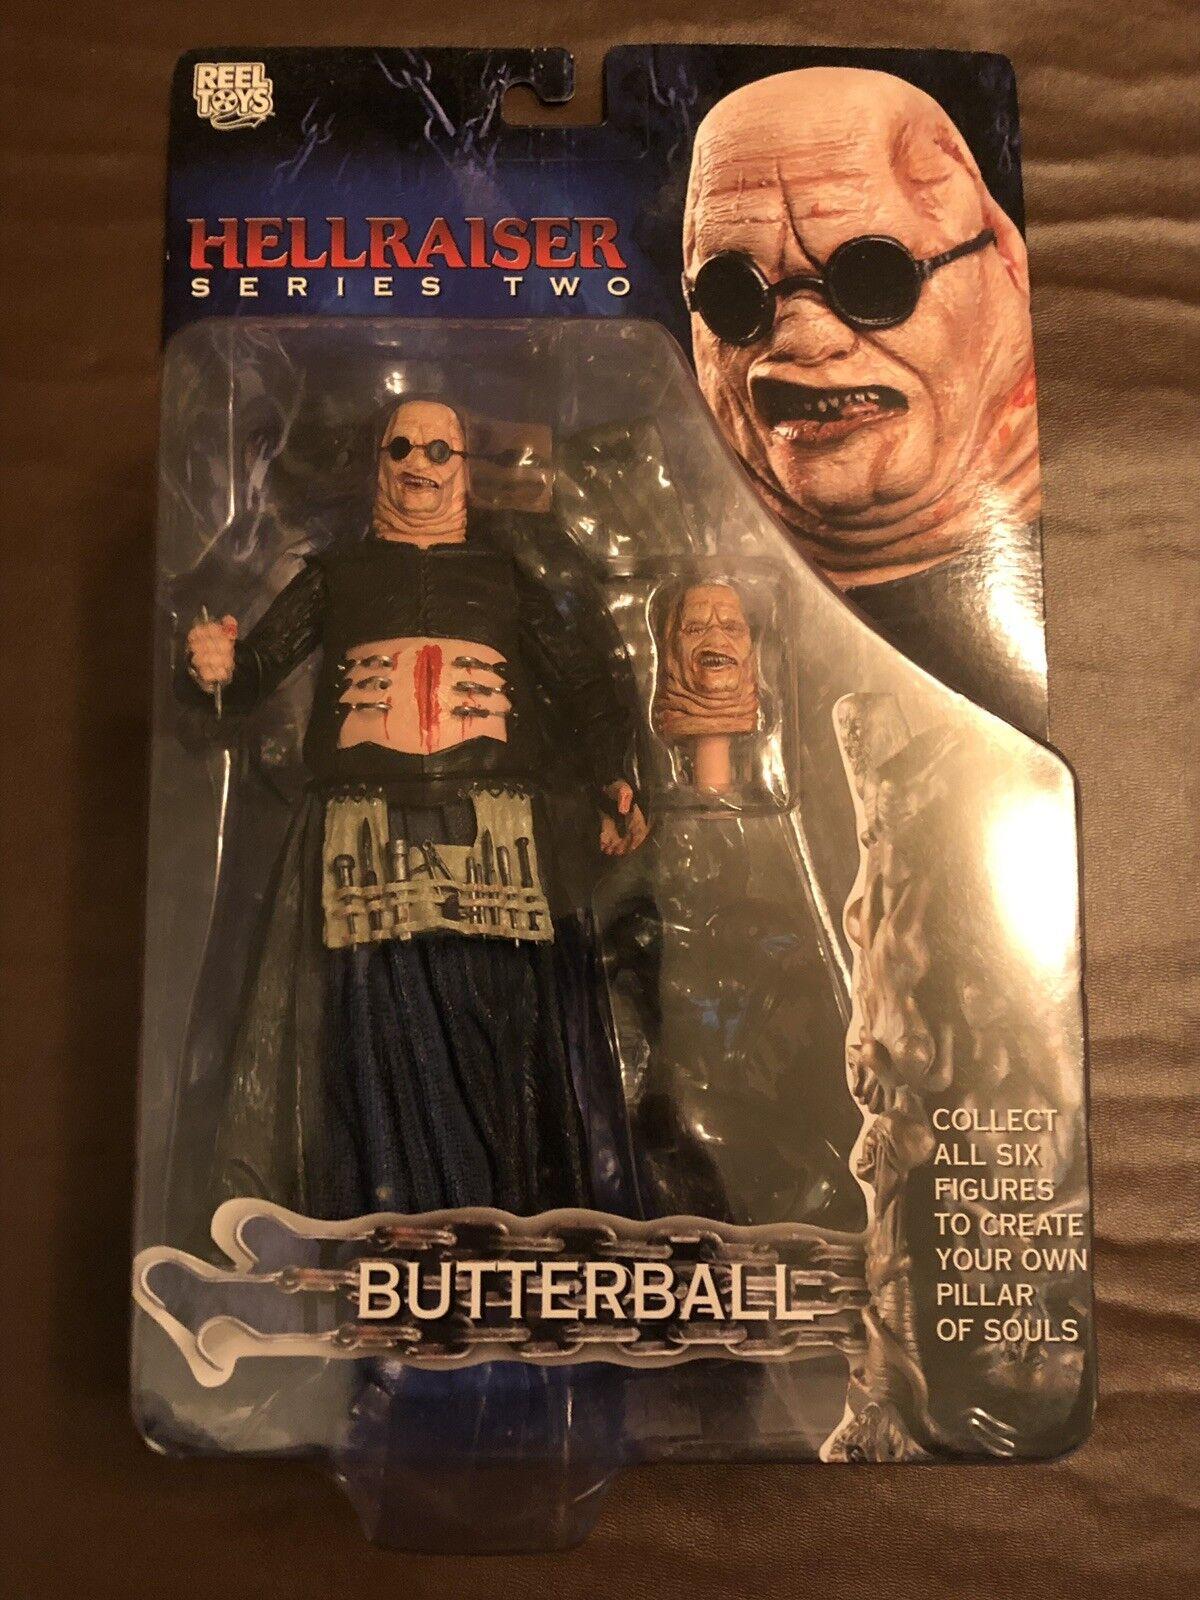 Neca Hellraiser Serie 2 Butterball afhrs 2 50